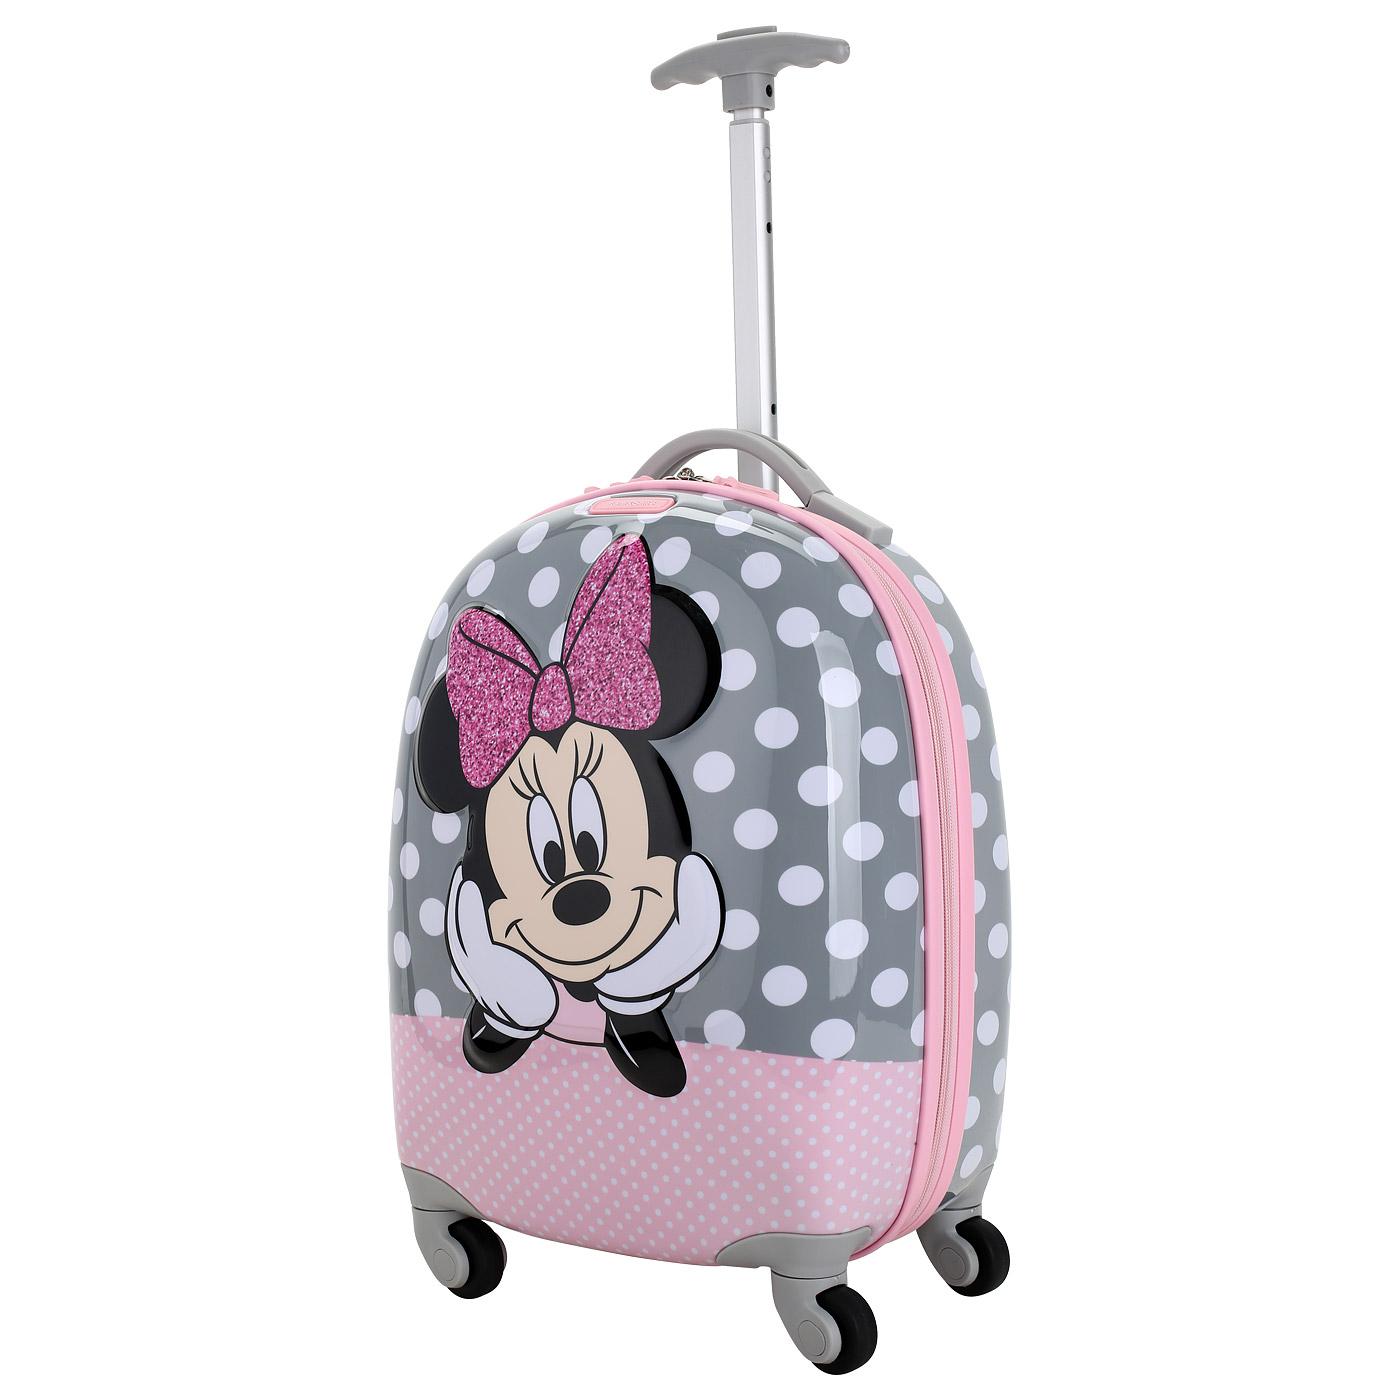 Детский чемодан купить в Москве недорого